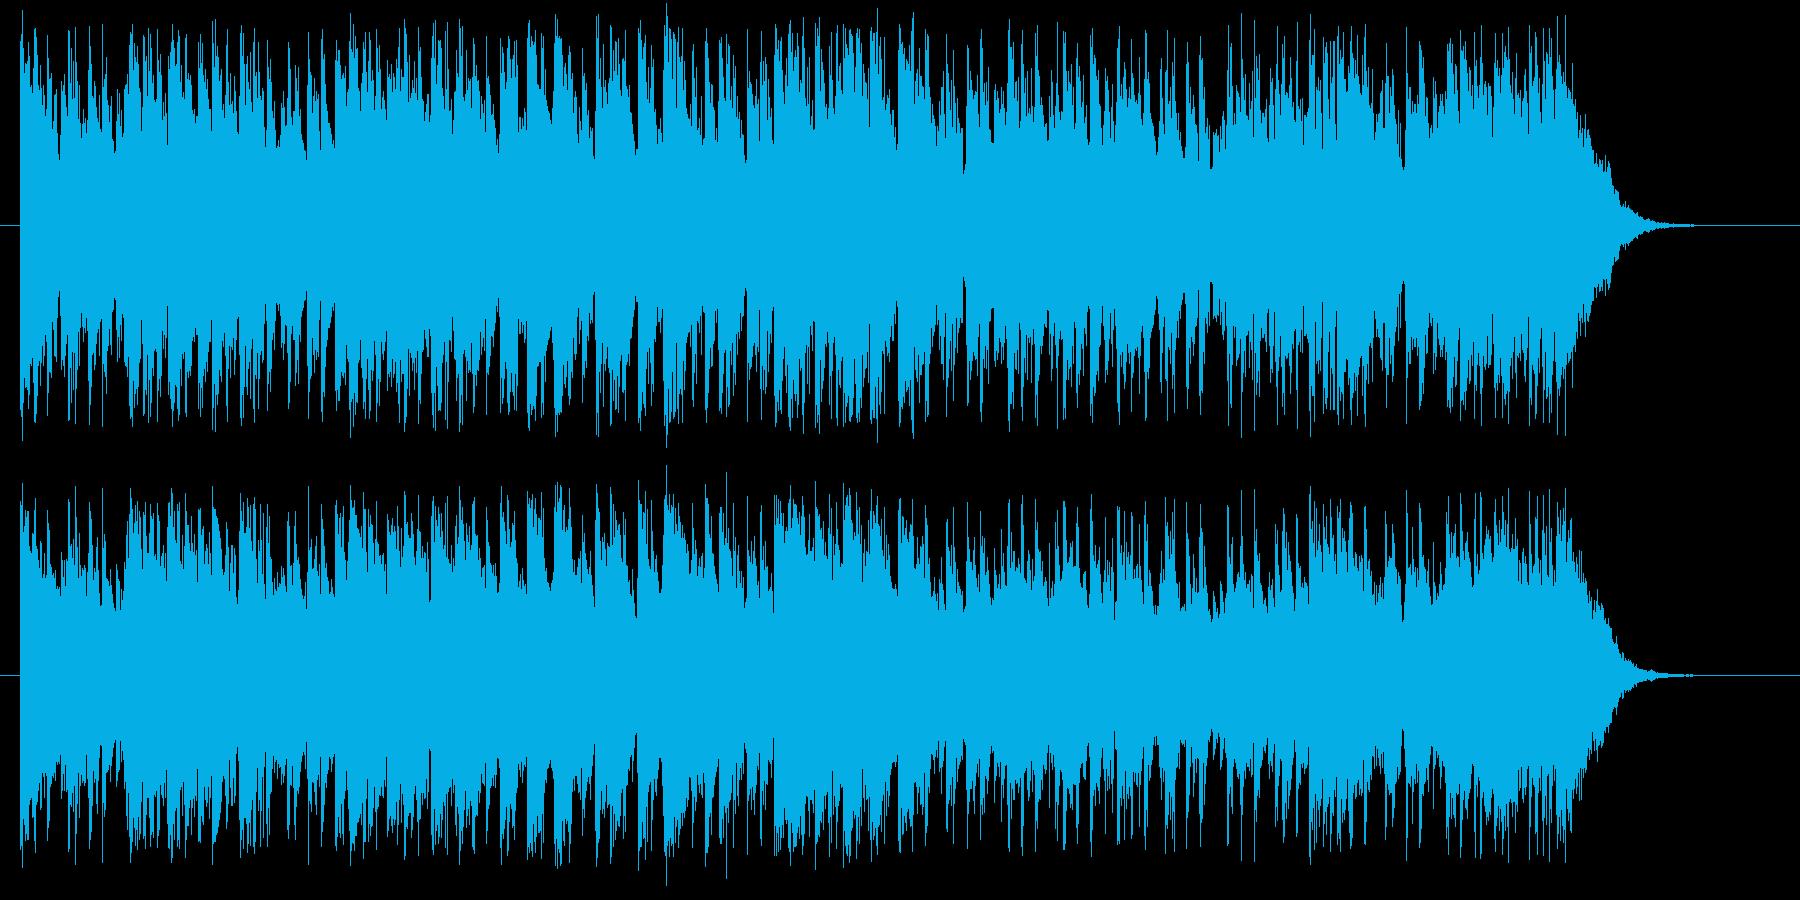 哀愁メロディーときめきポップスの再生済みの波形